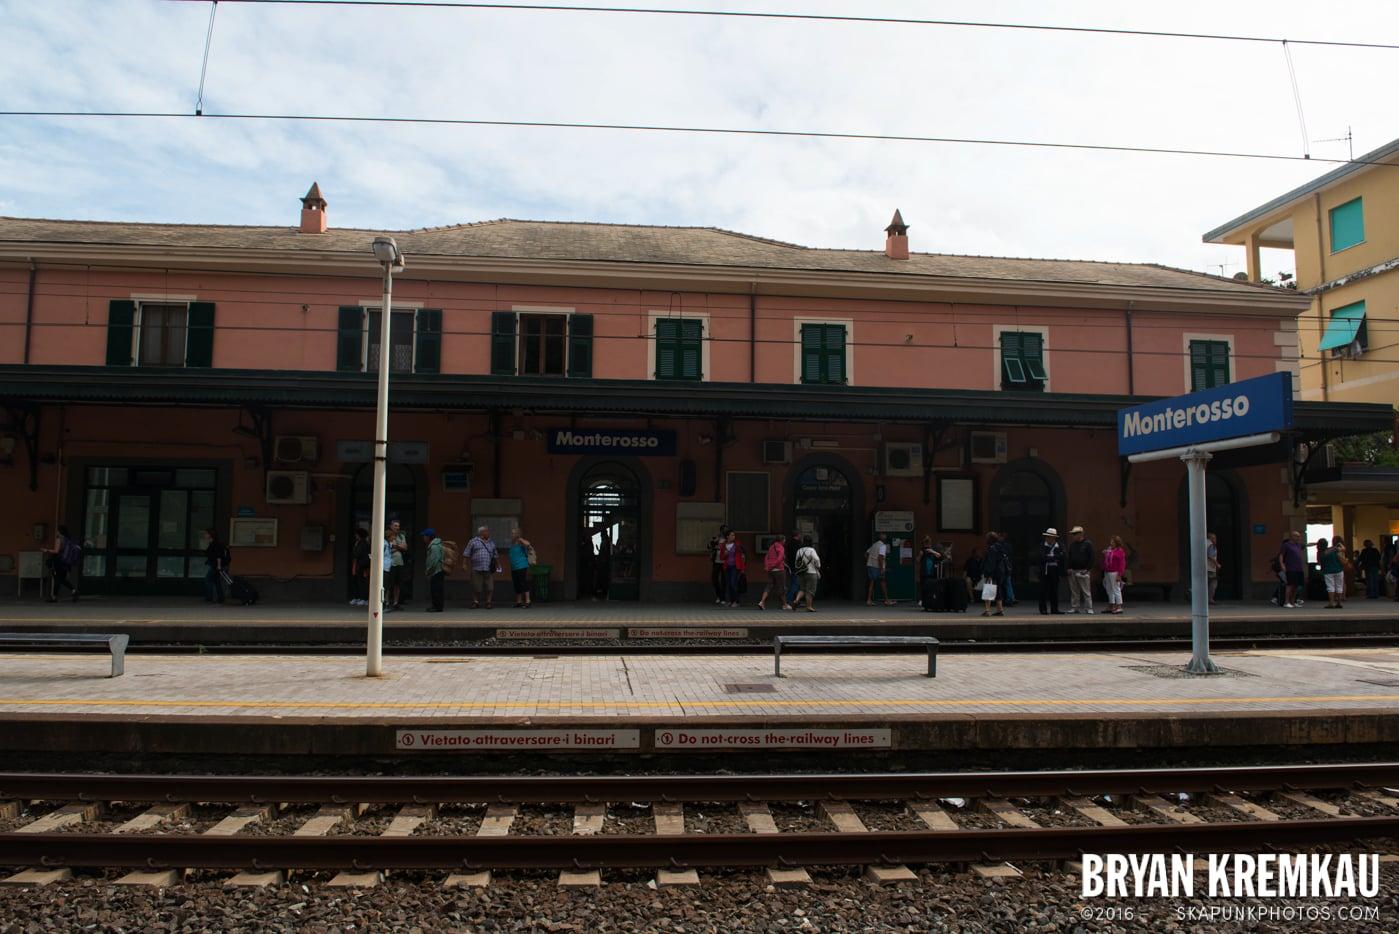 Italy Vacation - Day 10: Cinque Terre - 9.18.13 (4)